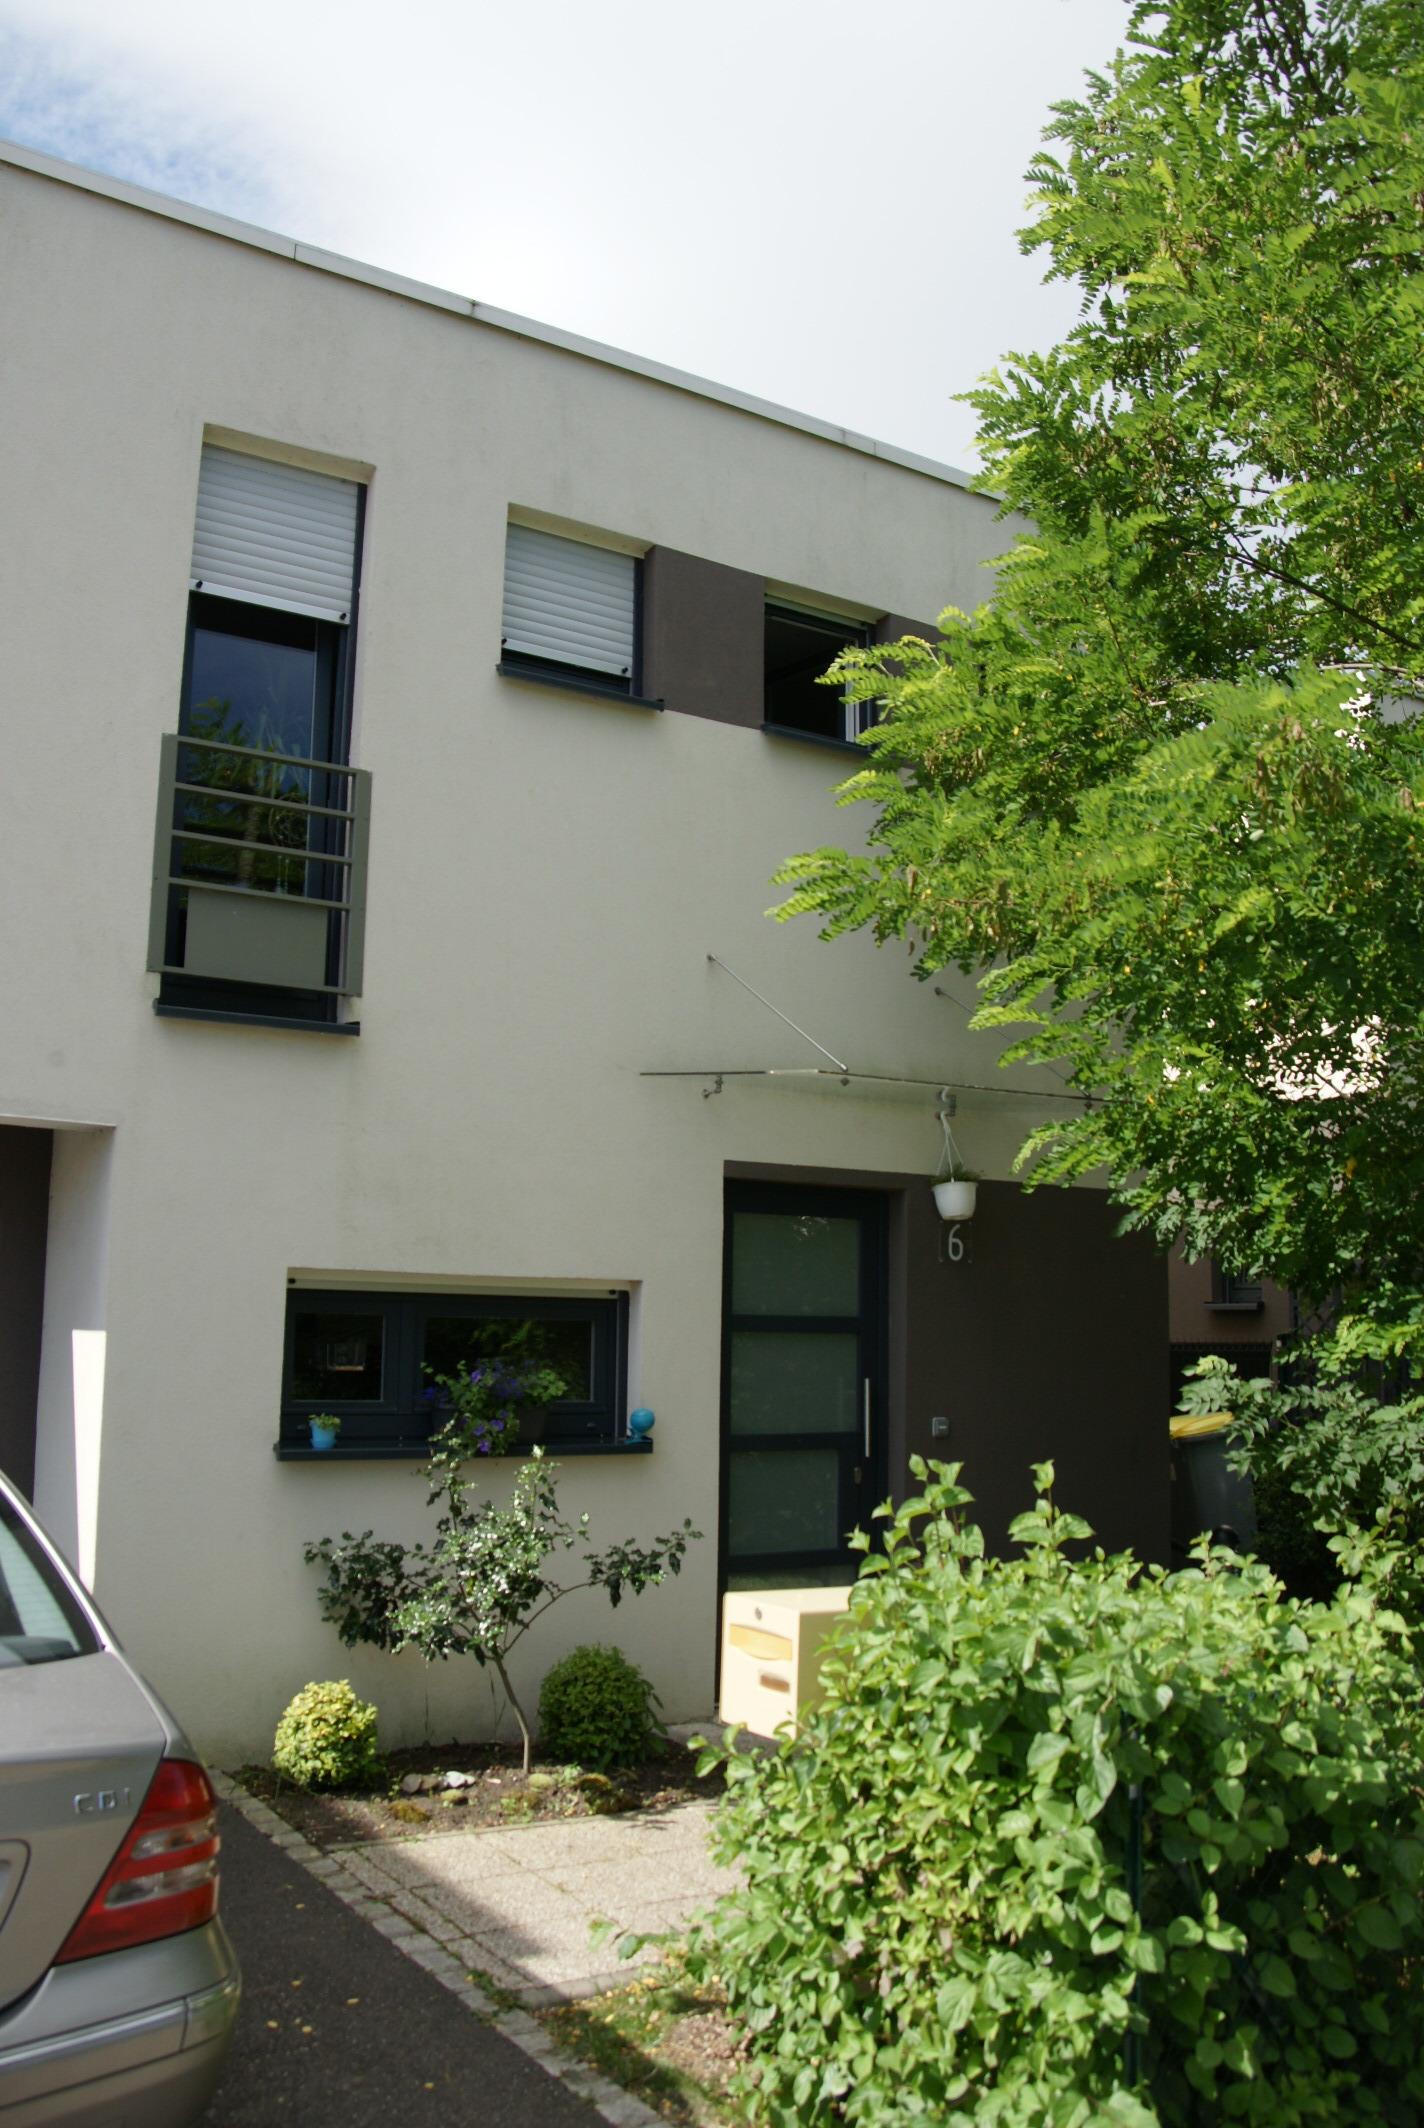 Vente maison 67 bas rhin achat villa bas rhin for Achat maison 67